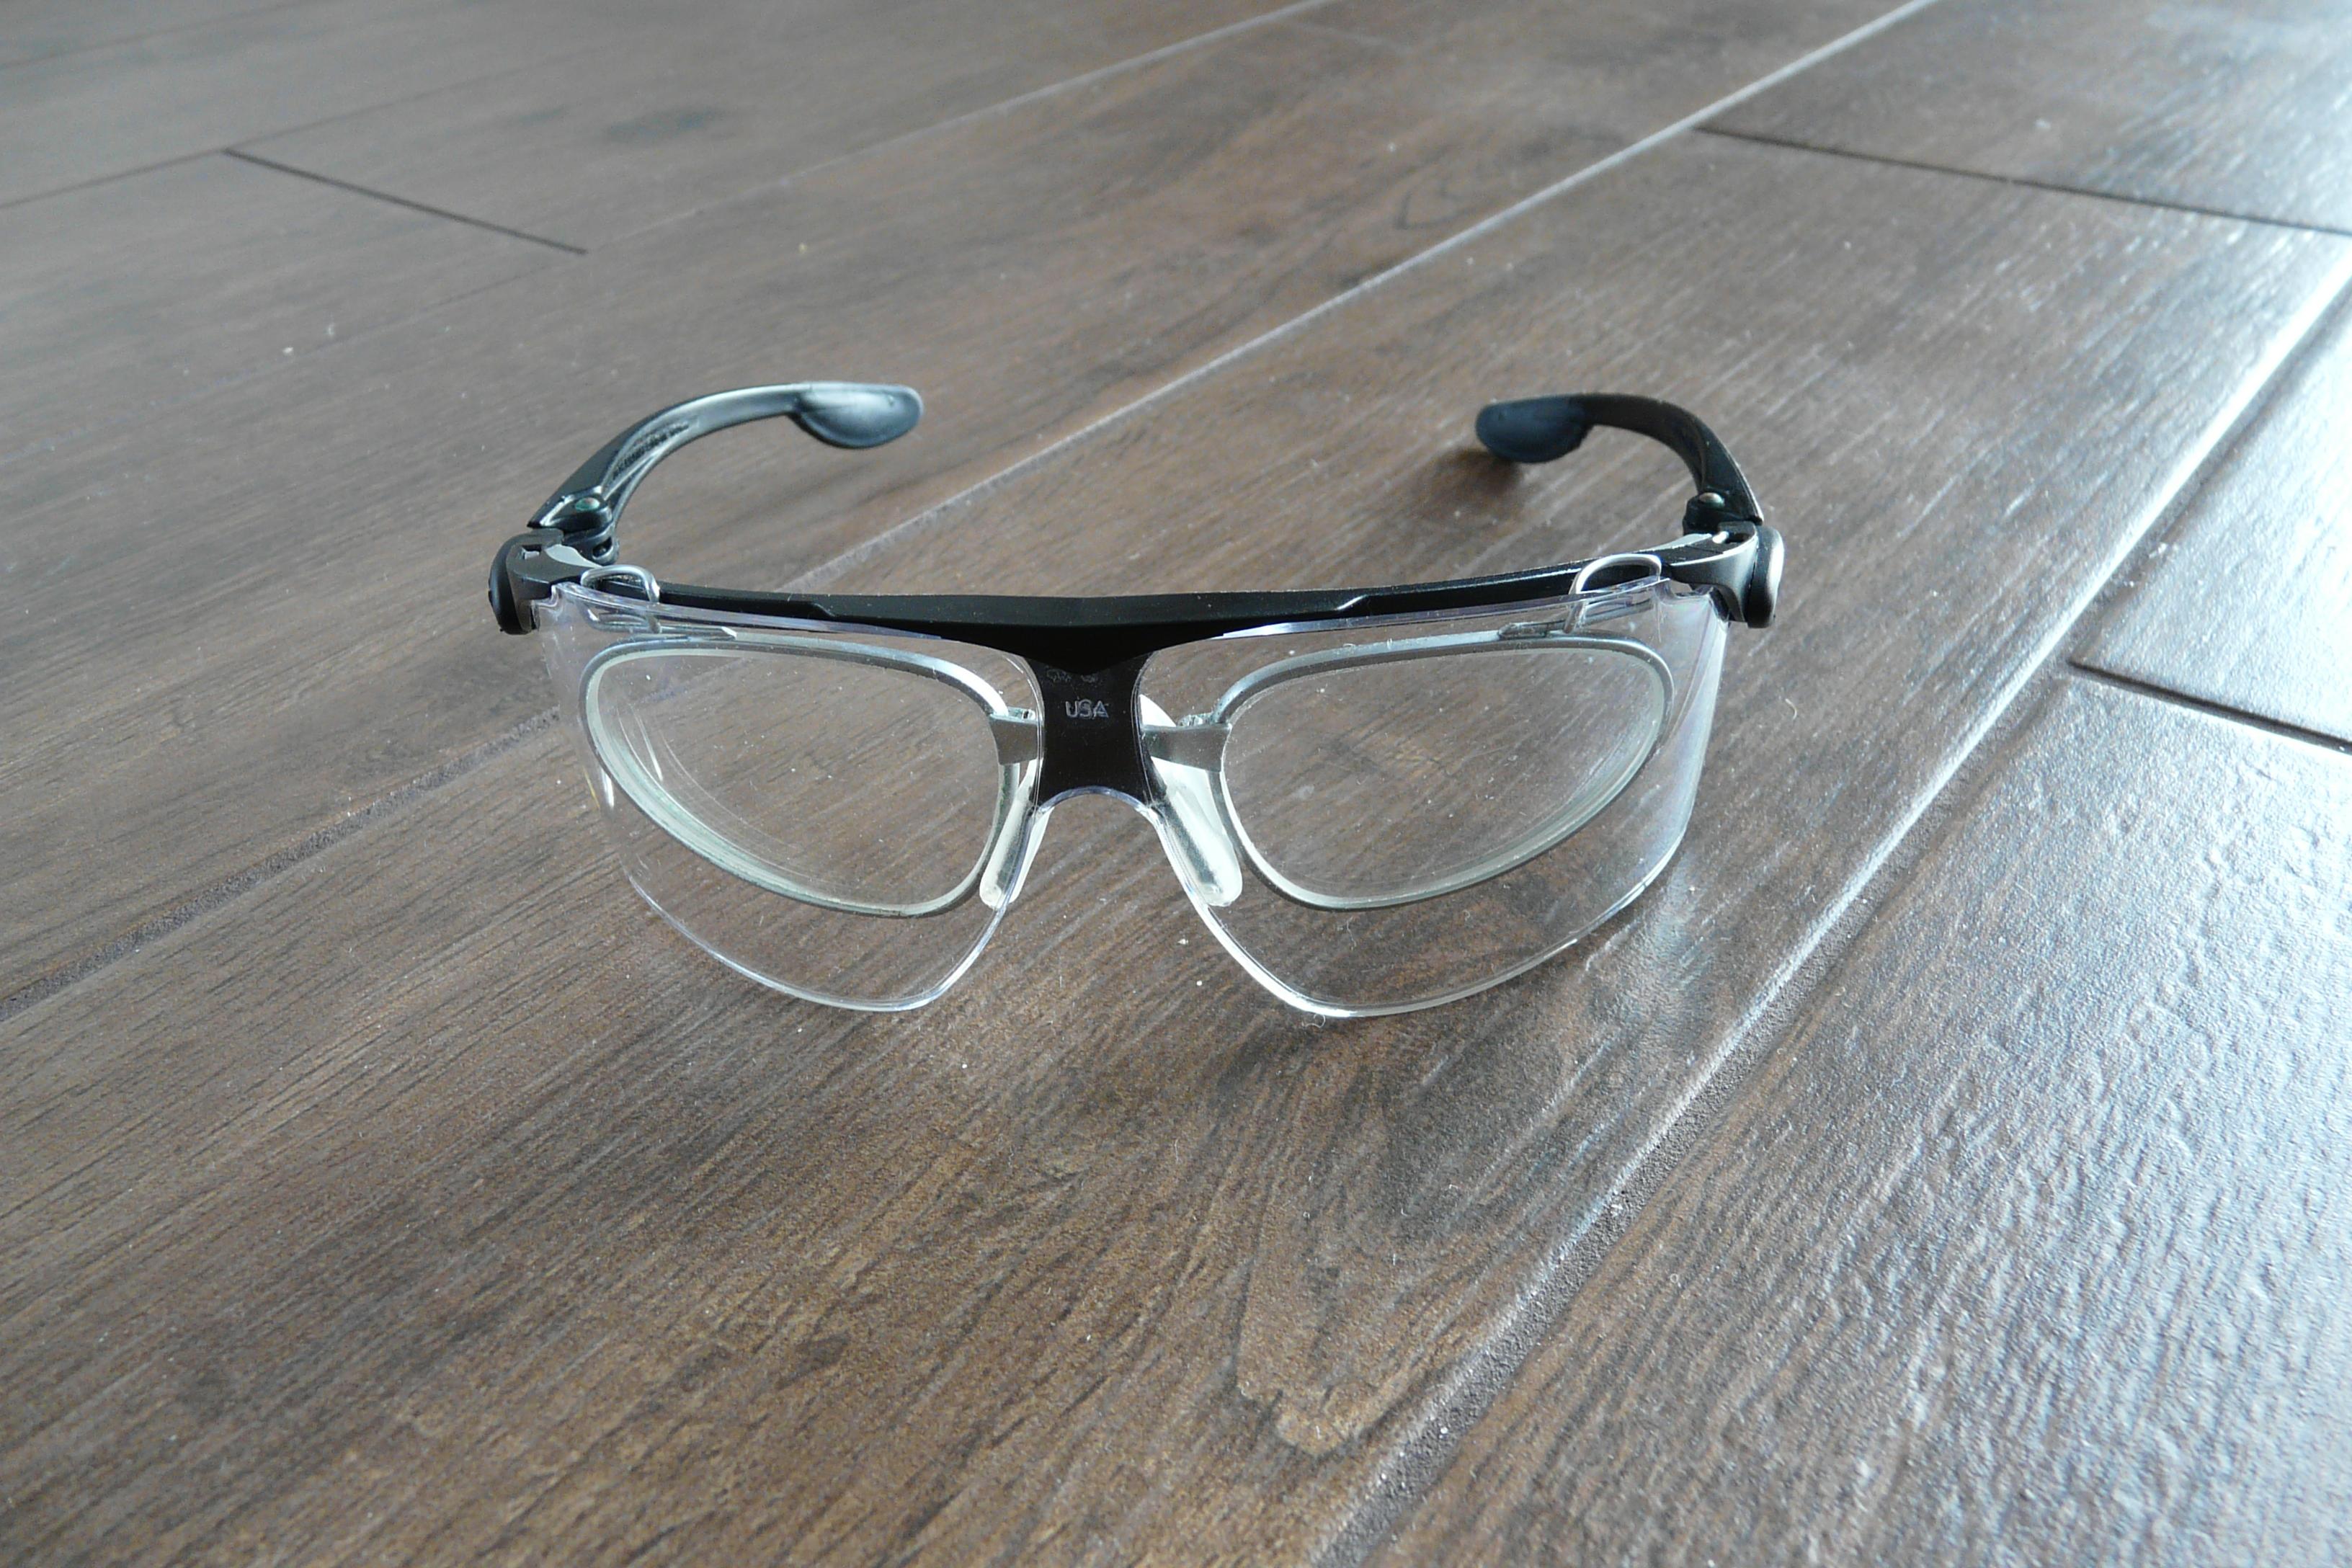 680911a64d5803 Sprzedam: Okulary Peltor Maxim Ballistic i wkładka korekcyjna ...